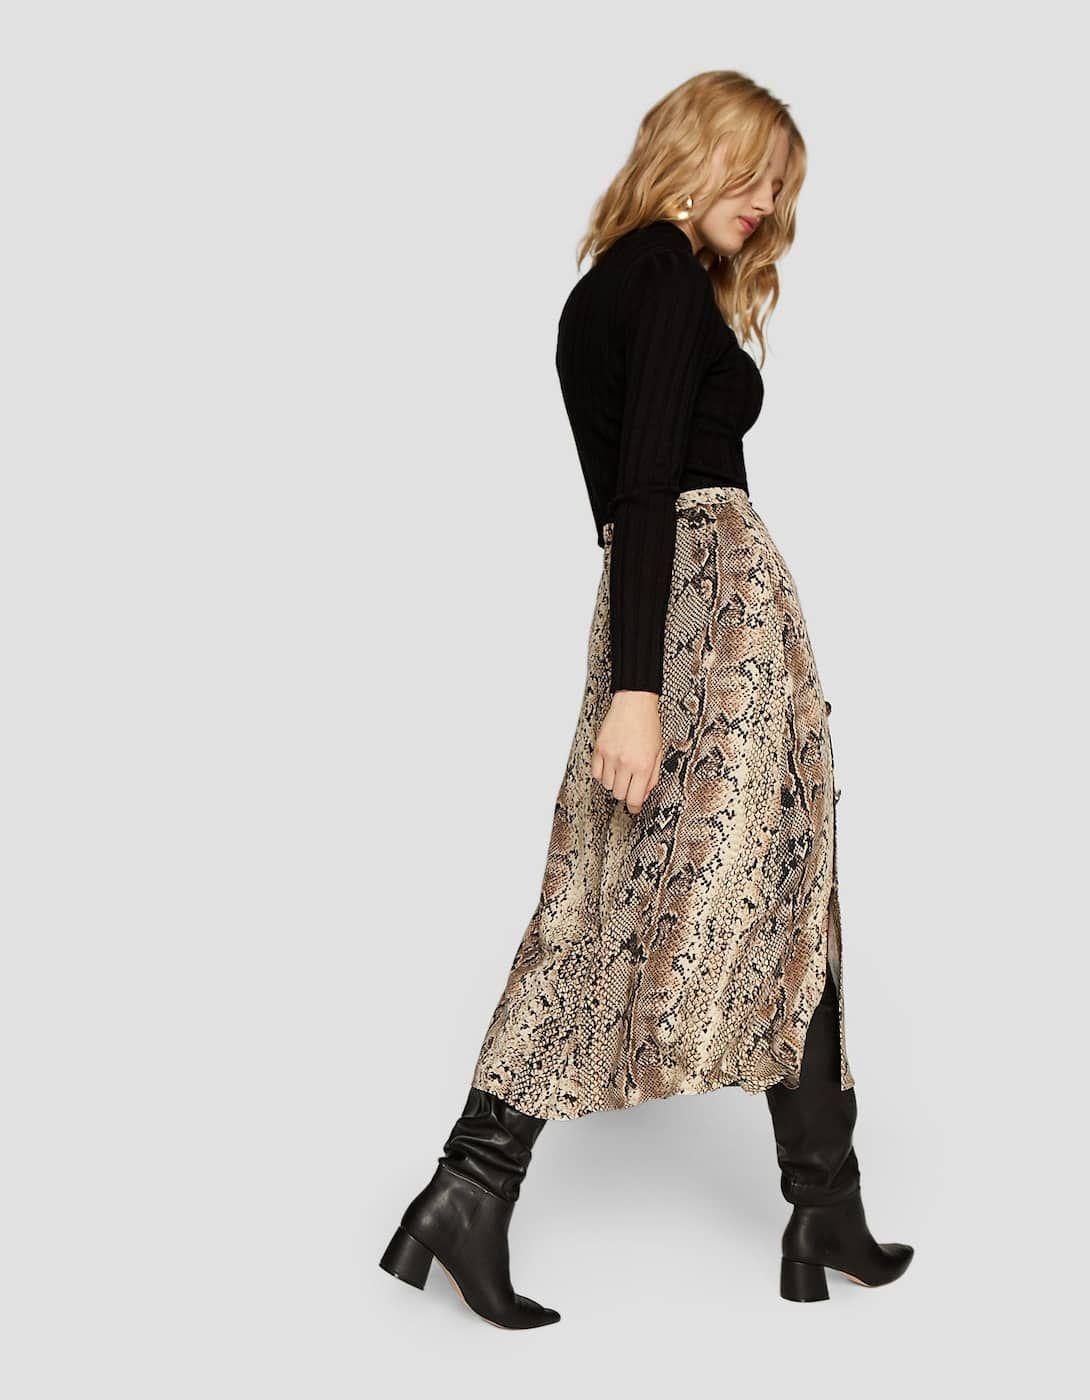 e26b8913e Falda midi serpiente con doble botón en 2019 | Inditex-Mango ...